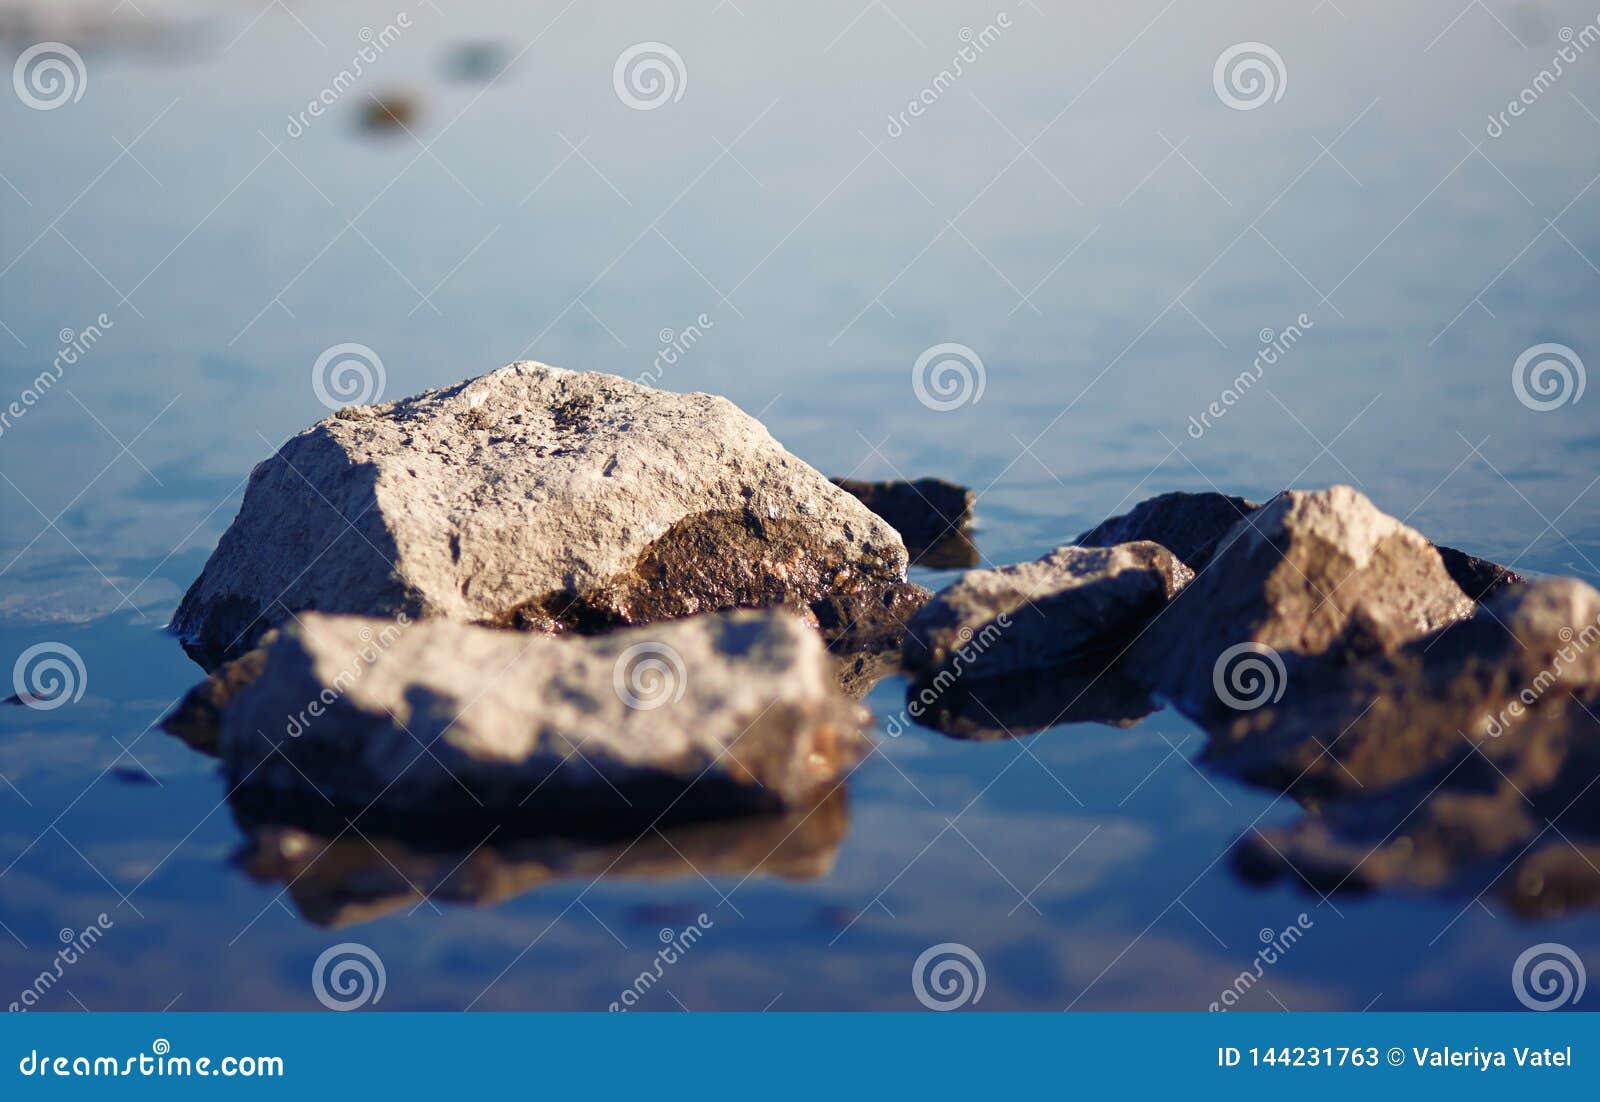 Pedras, meia posição na superfície calma da água